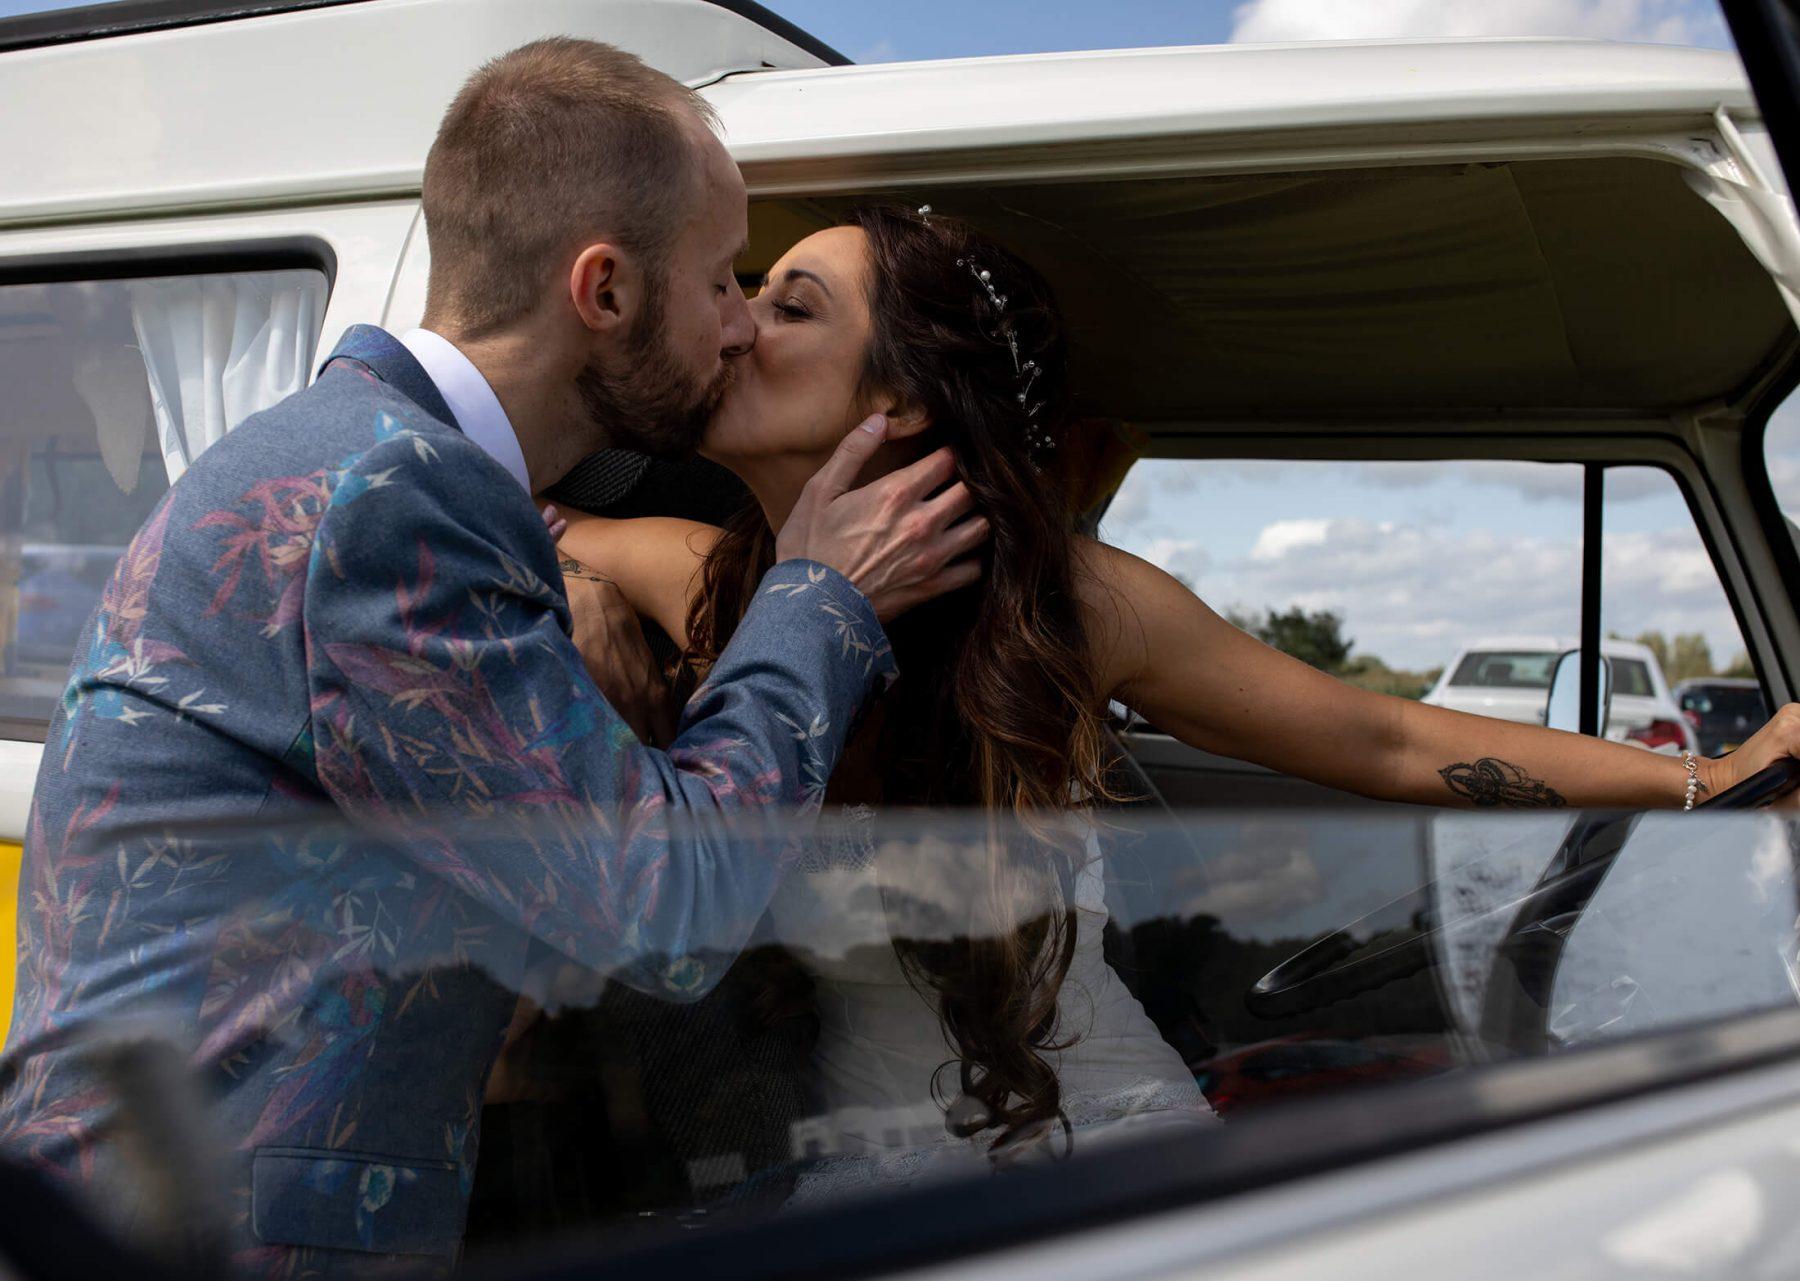 The bride and groom kiss in their VW van